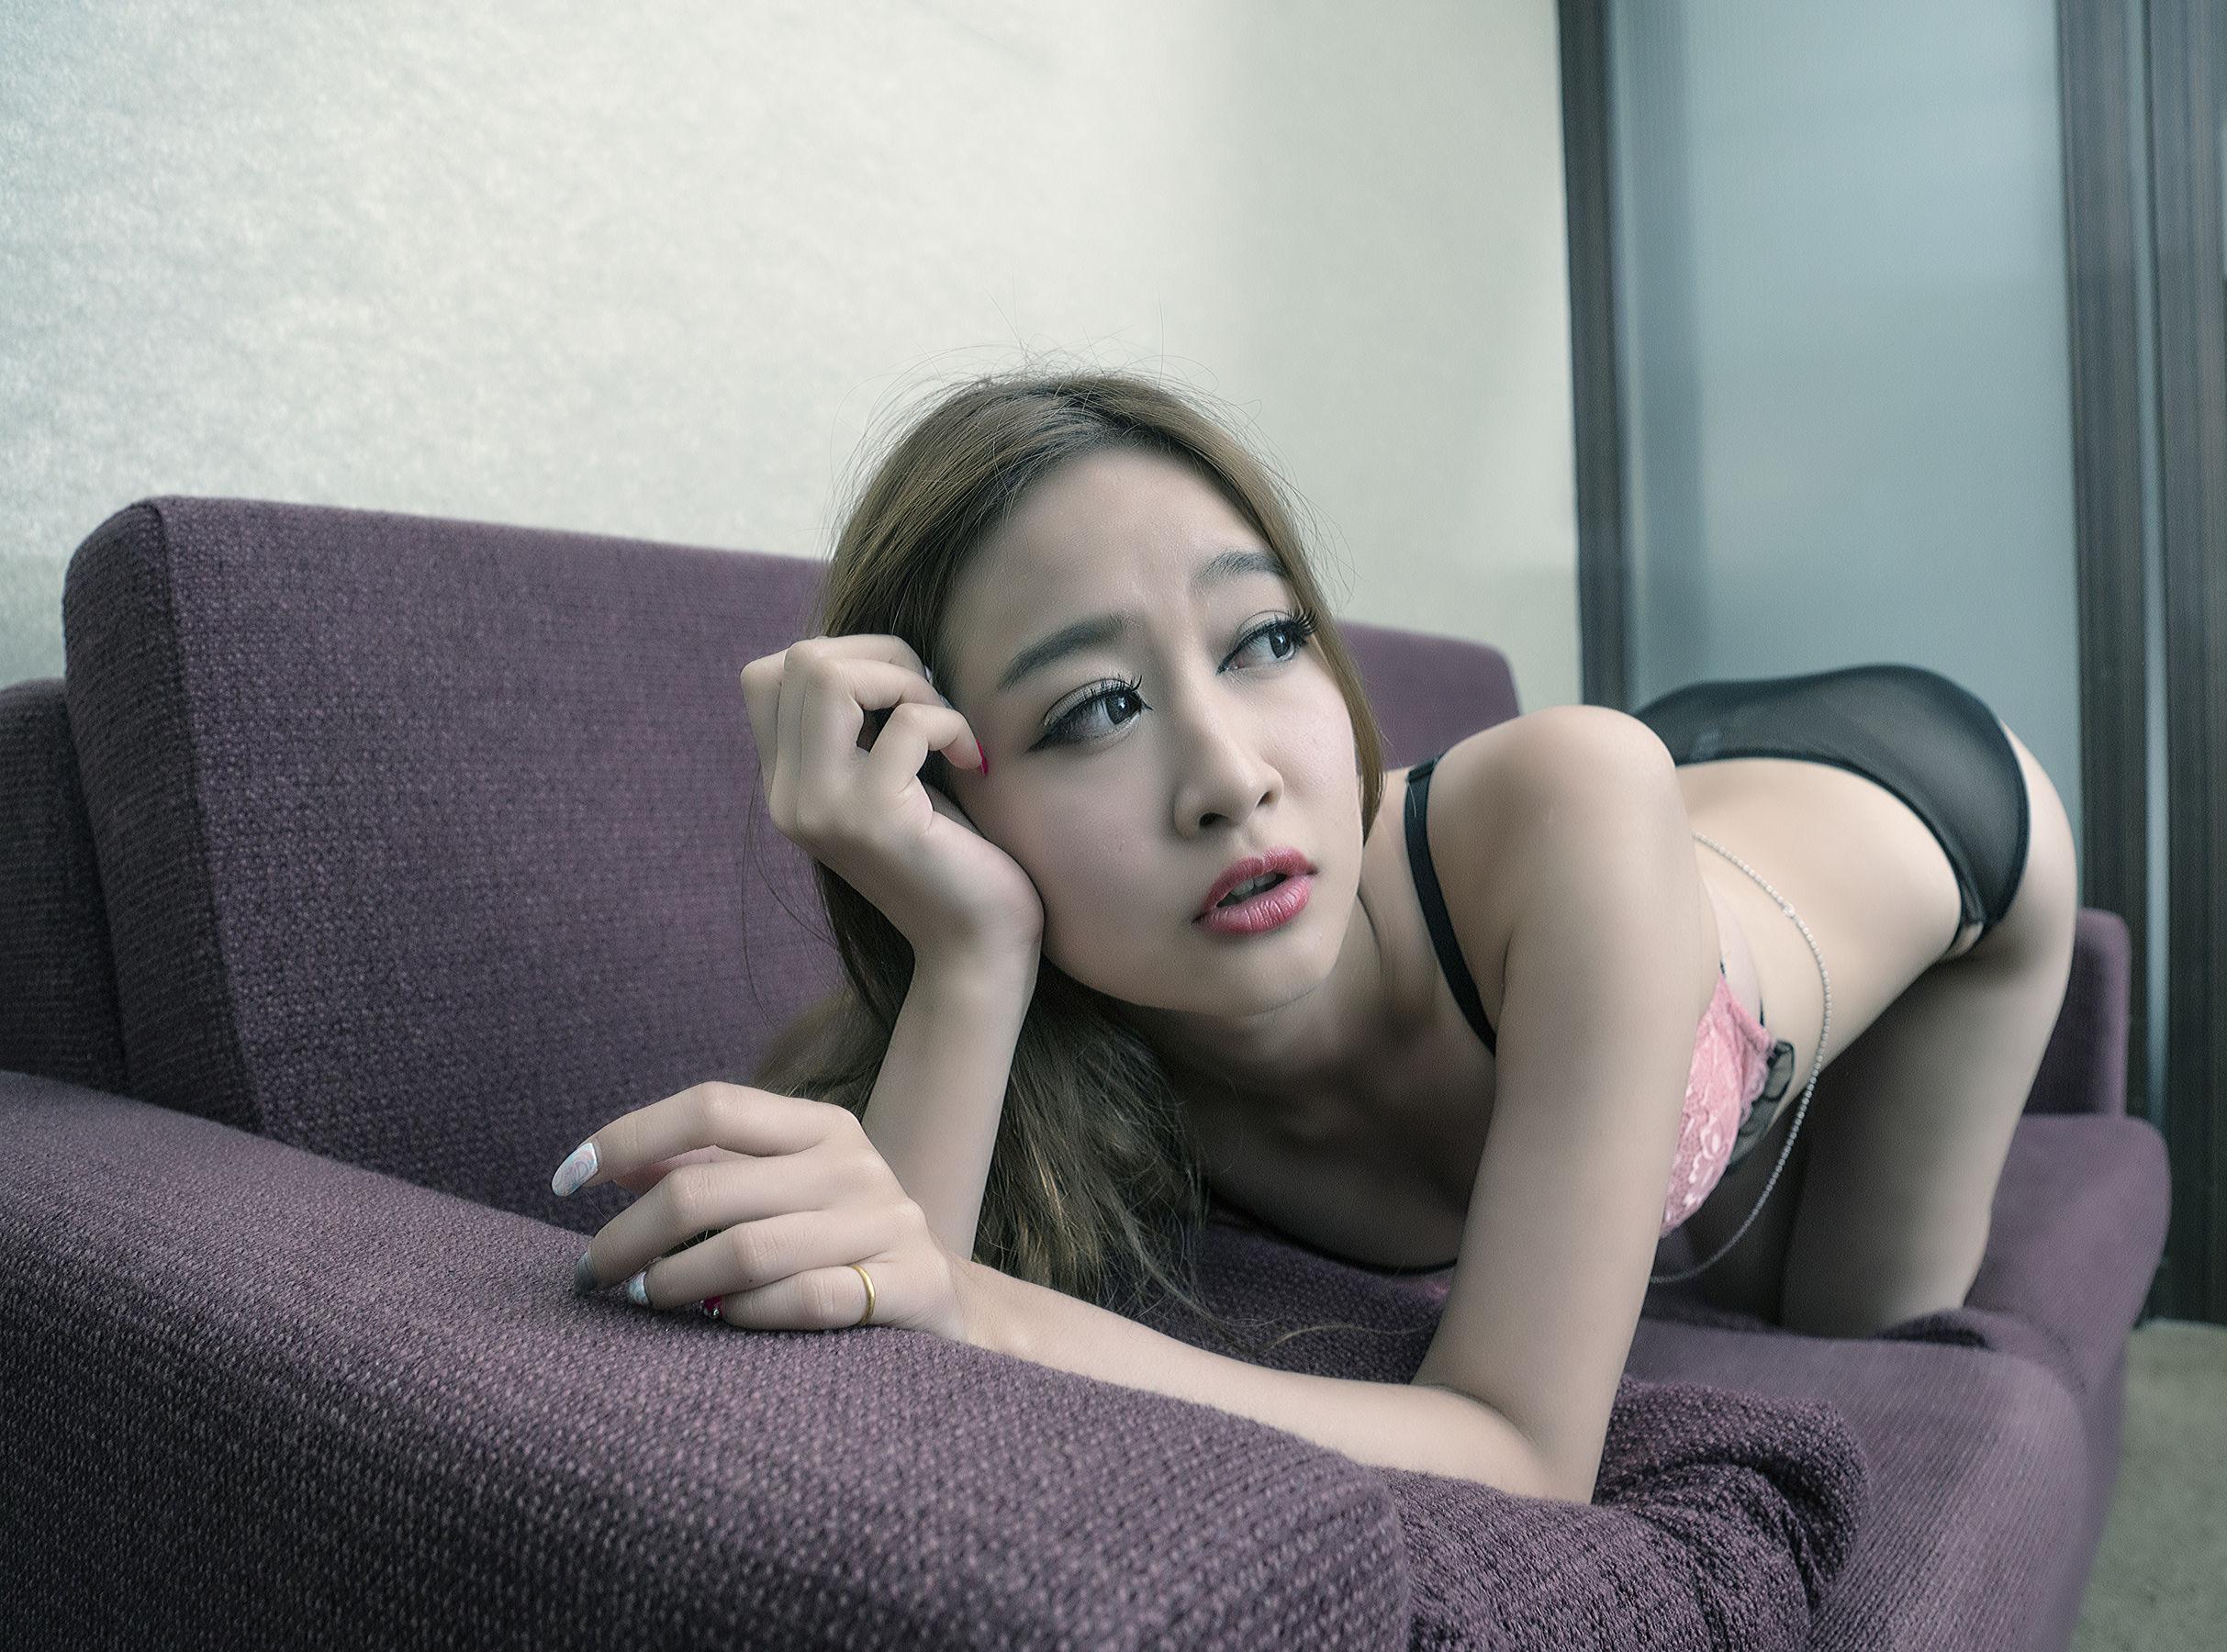 VOL.1692 [台湾正妹]性感美女内衣美女:康凯乐(腿模Kaylar)超高清个人性感漂亮大图(19P)